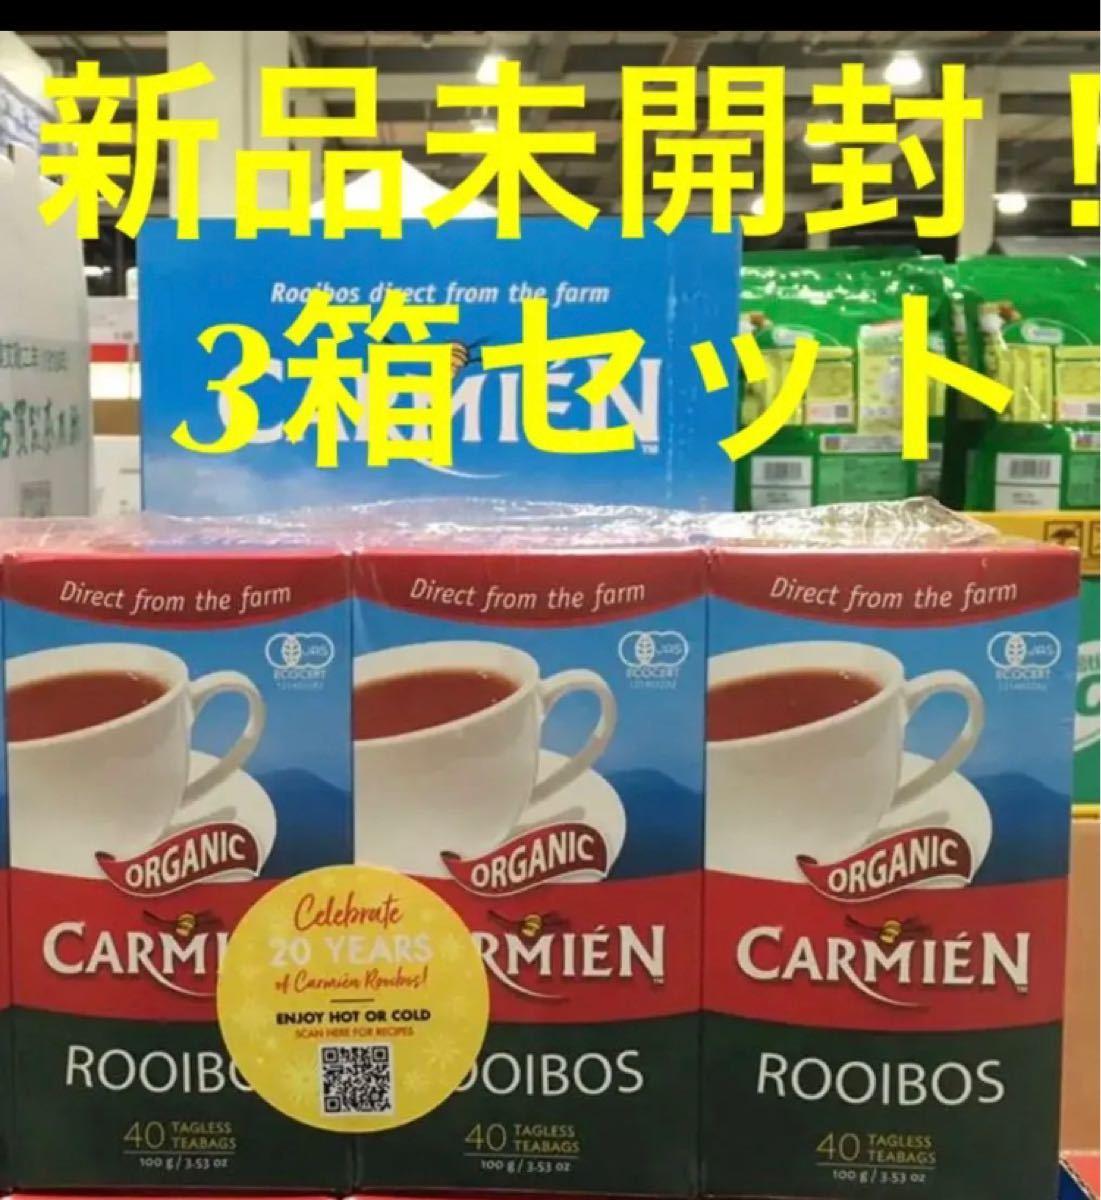 【新品未開封】CARMIEN コストコ ルイボスティー 3箱セット